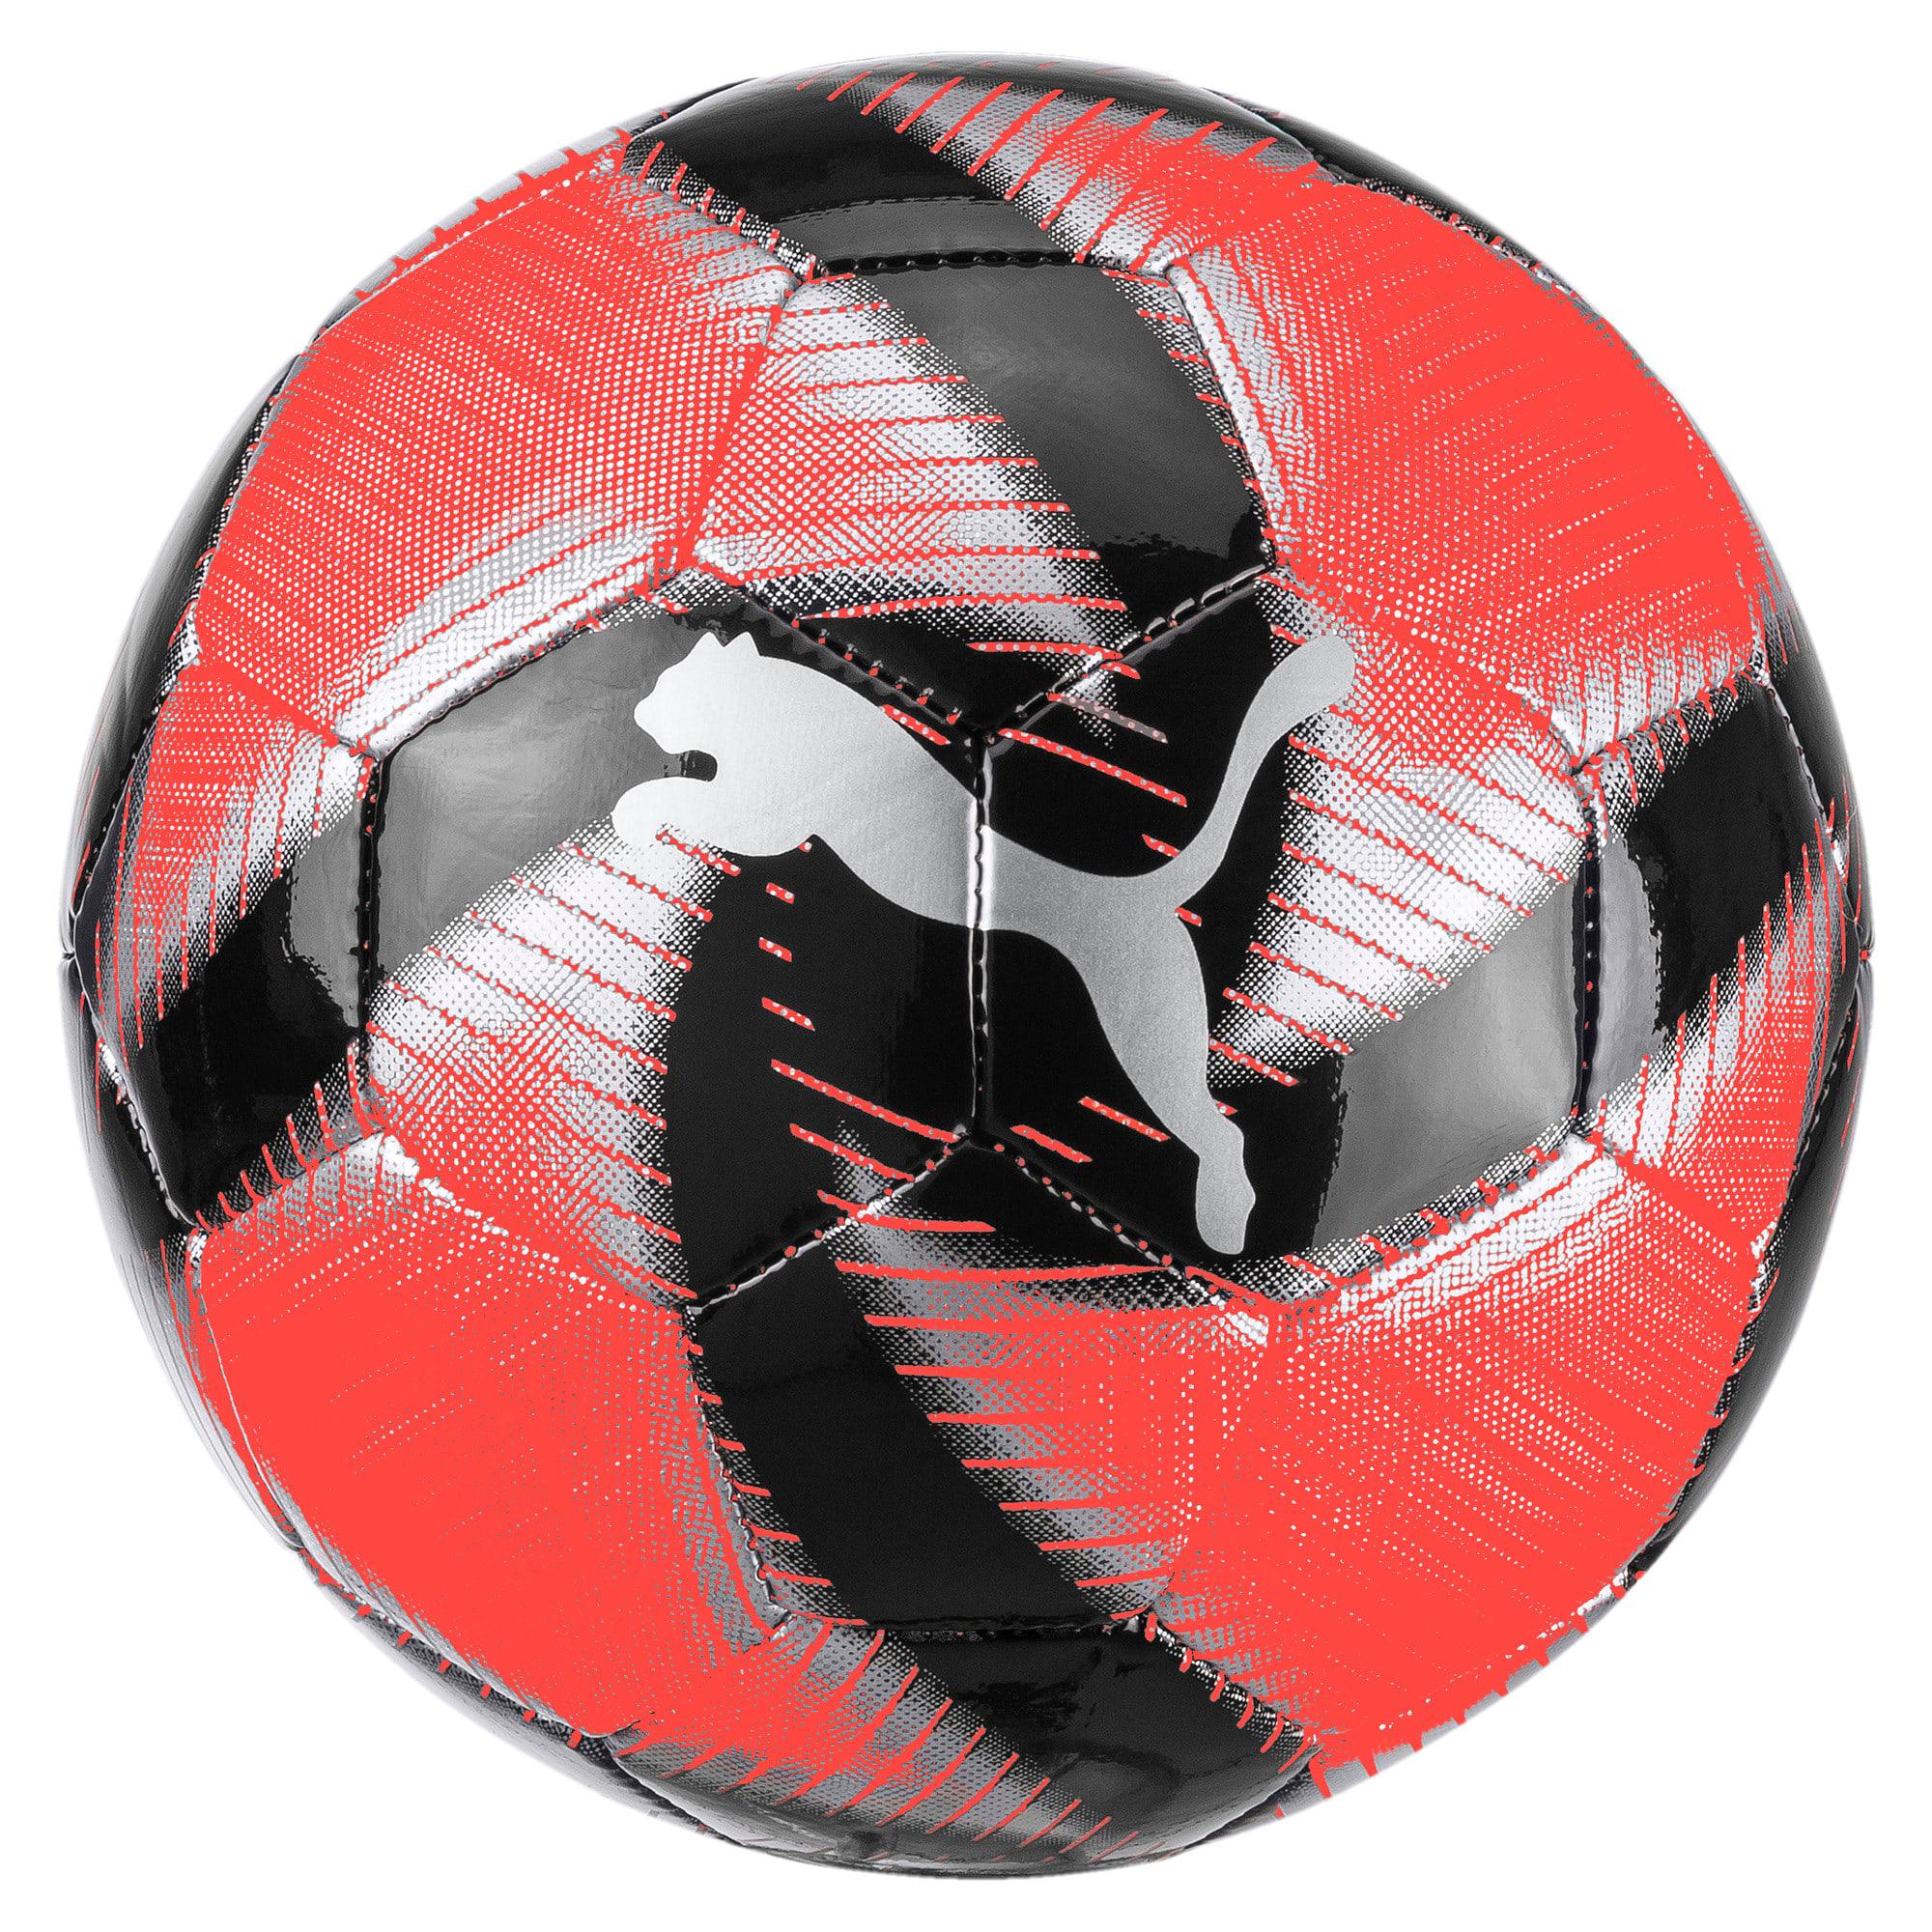 Miniatura 1 de Minipelota de fútbol FUTURE Flare, Nrgy Red-Asphalt-Black-White, mediano